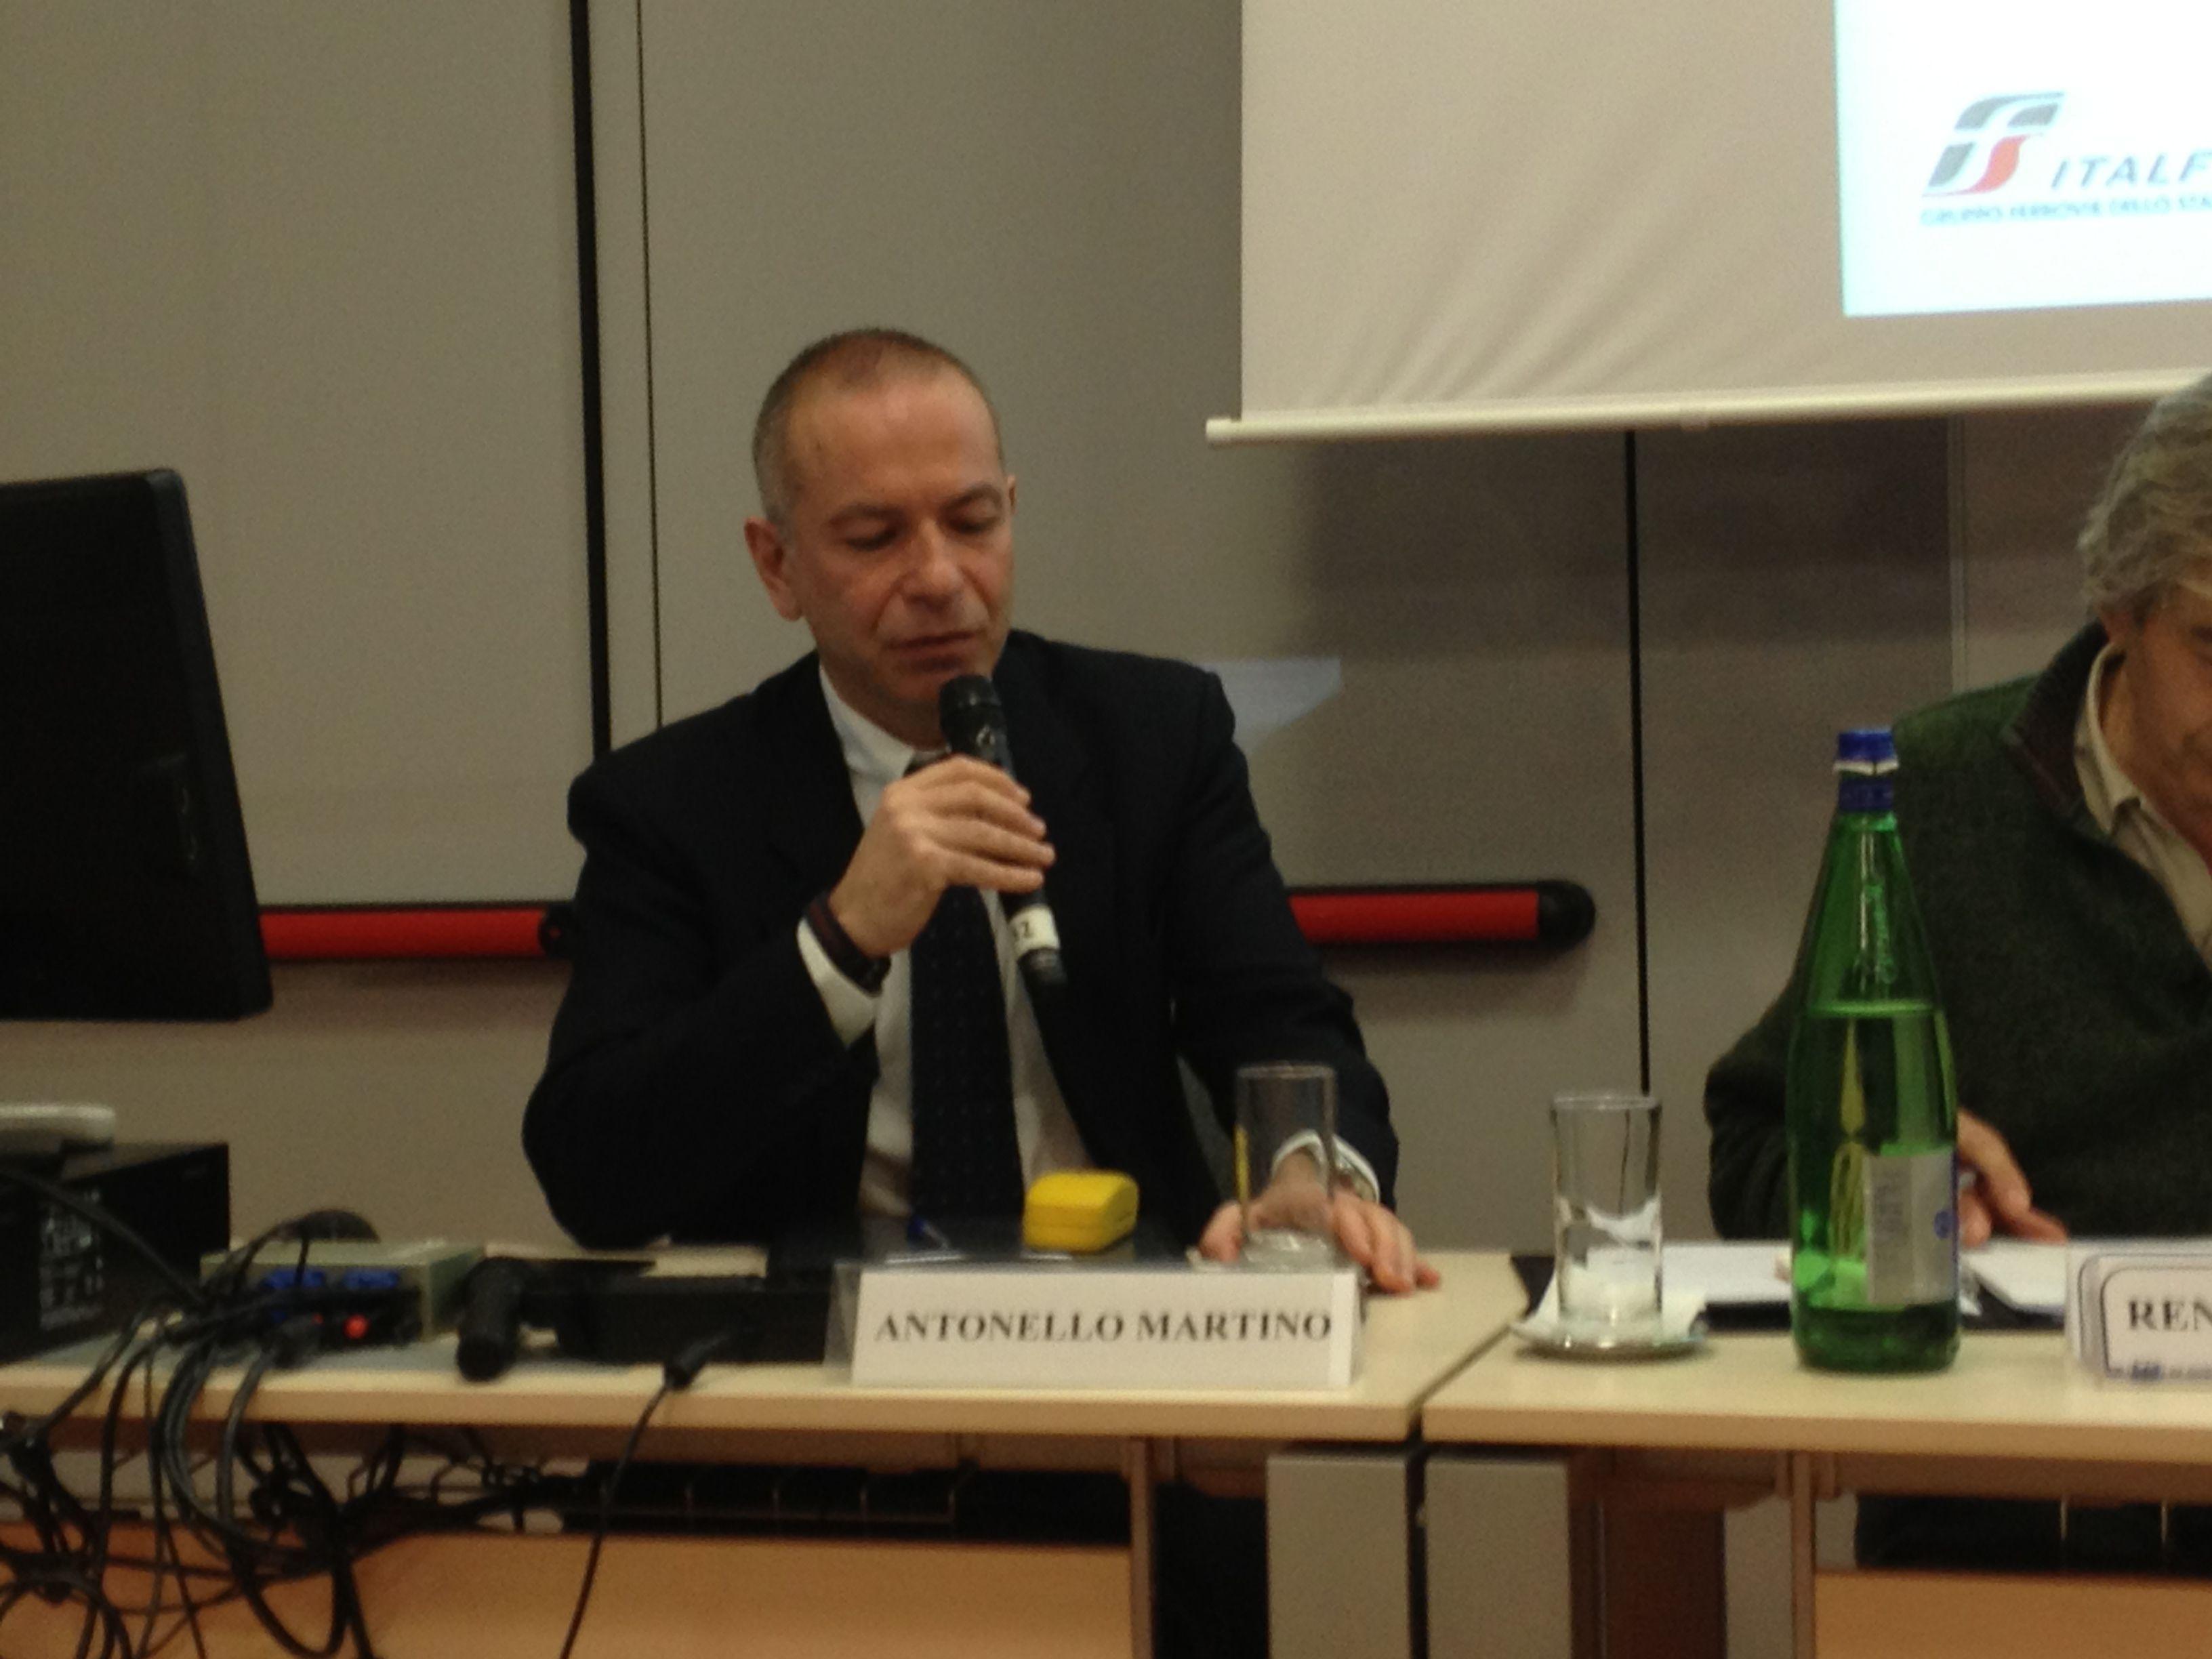 Antonello Martino | ItalFerr http://www.lbs.luiss.it/2013/02/15/archeologia-preventiva-integrare-la-tutela-nella-filiera-dei-lavori-pubblici/